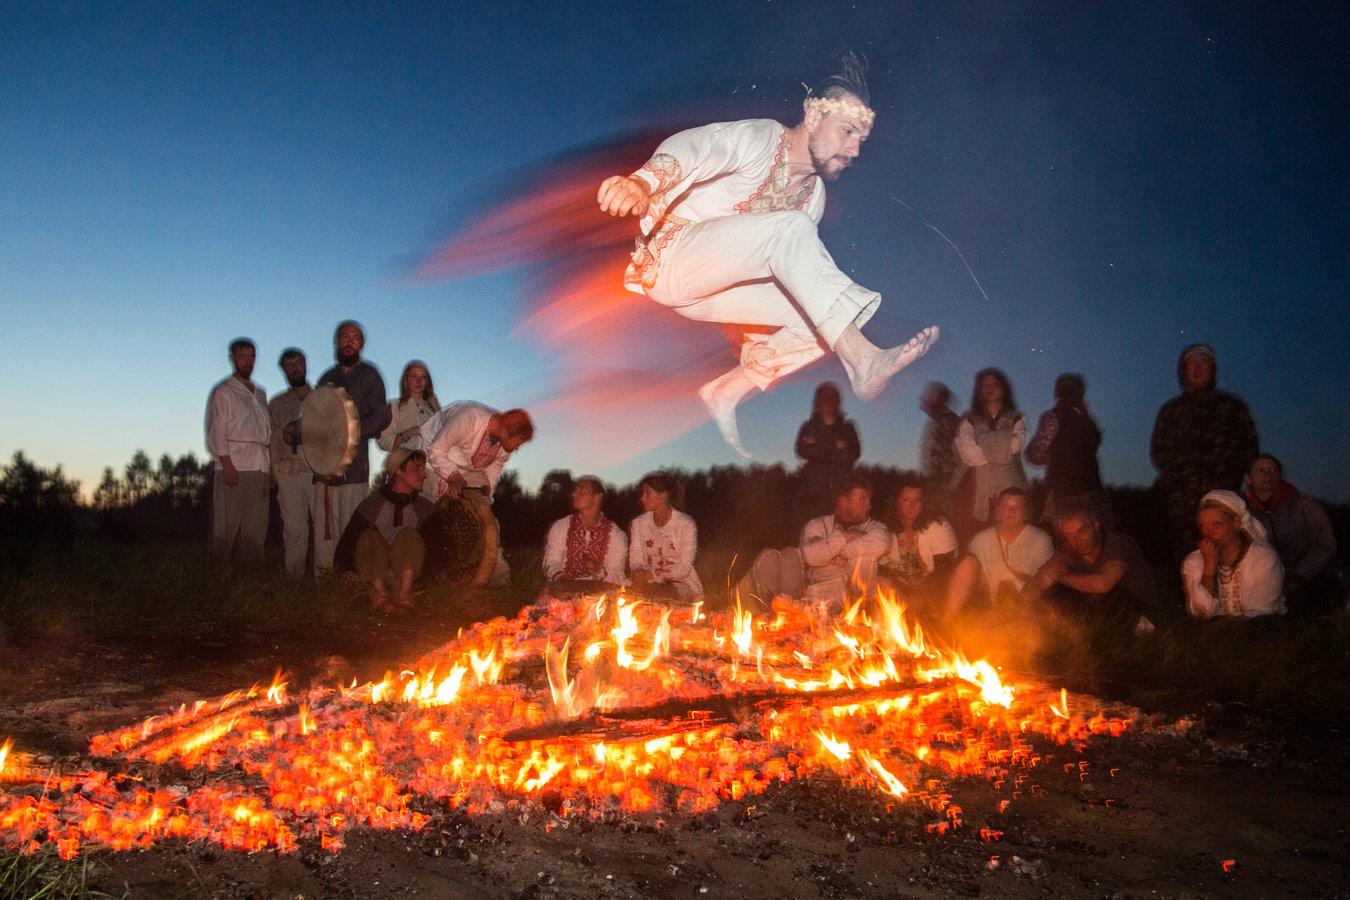 Огненный прыжок, © Дмитрий Феоктистов (Омская область, деревня Окунево), Фотоконкурс «Русская цивилизация»